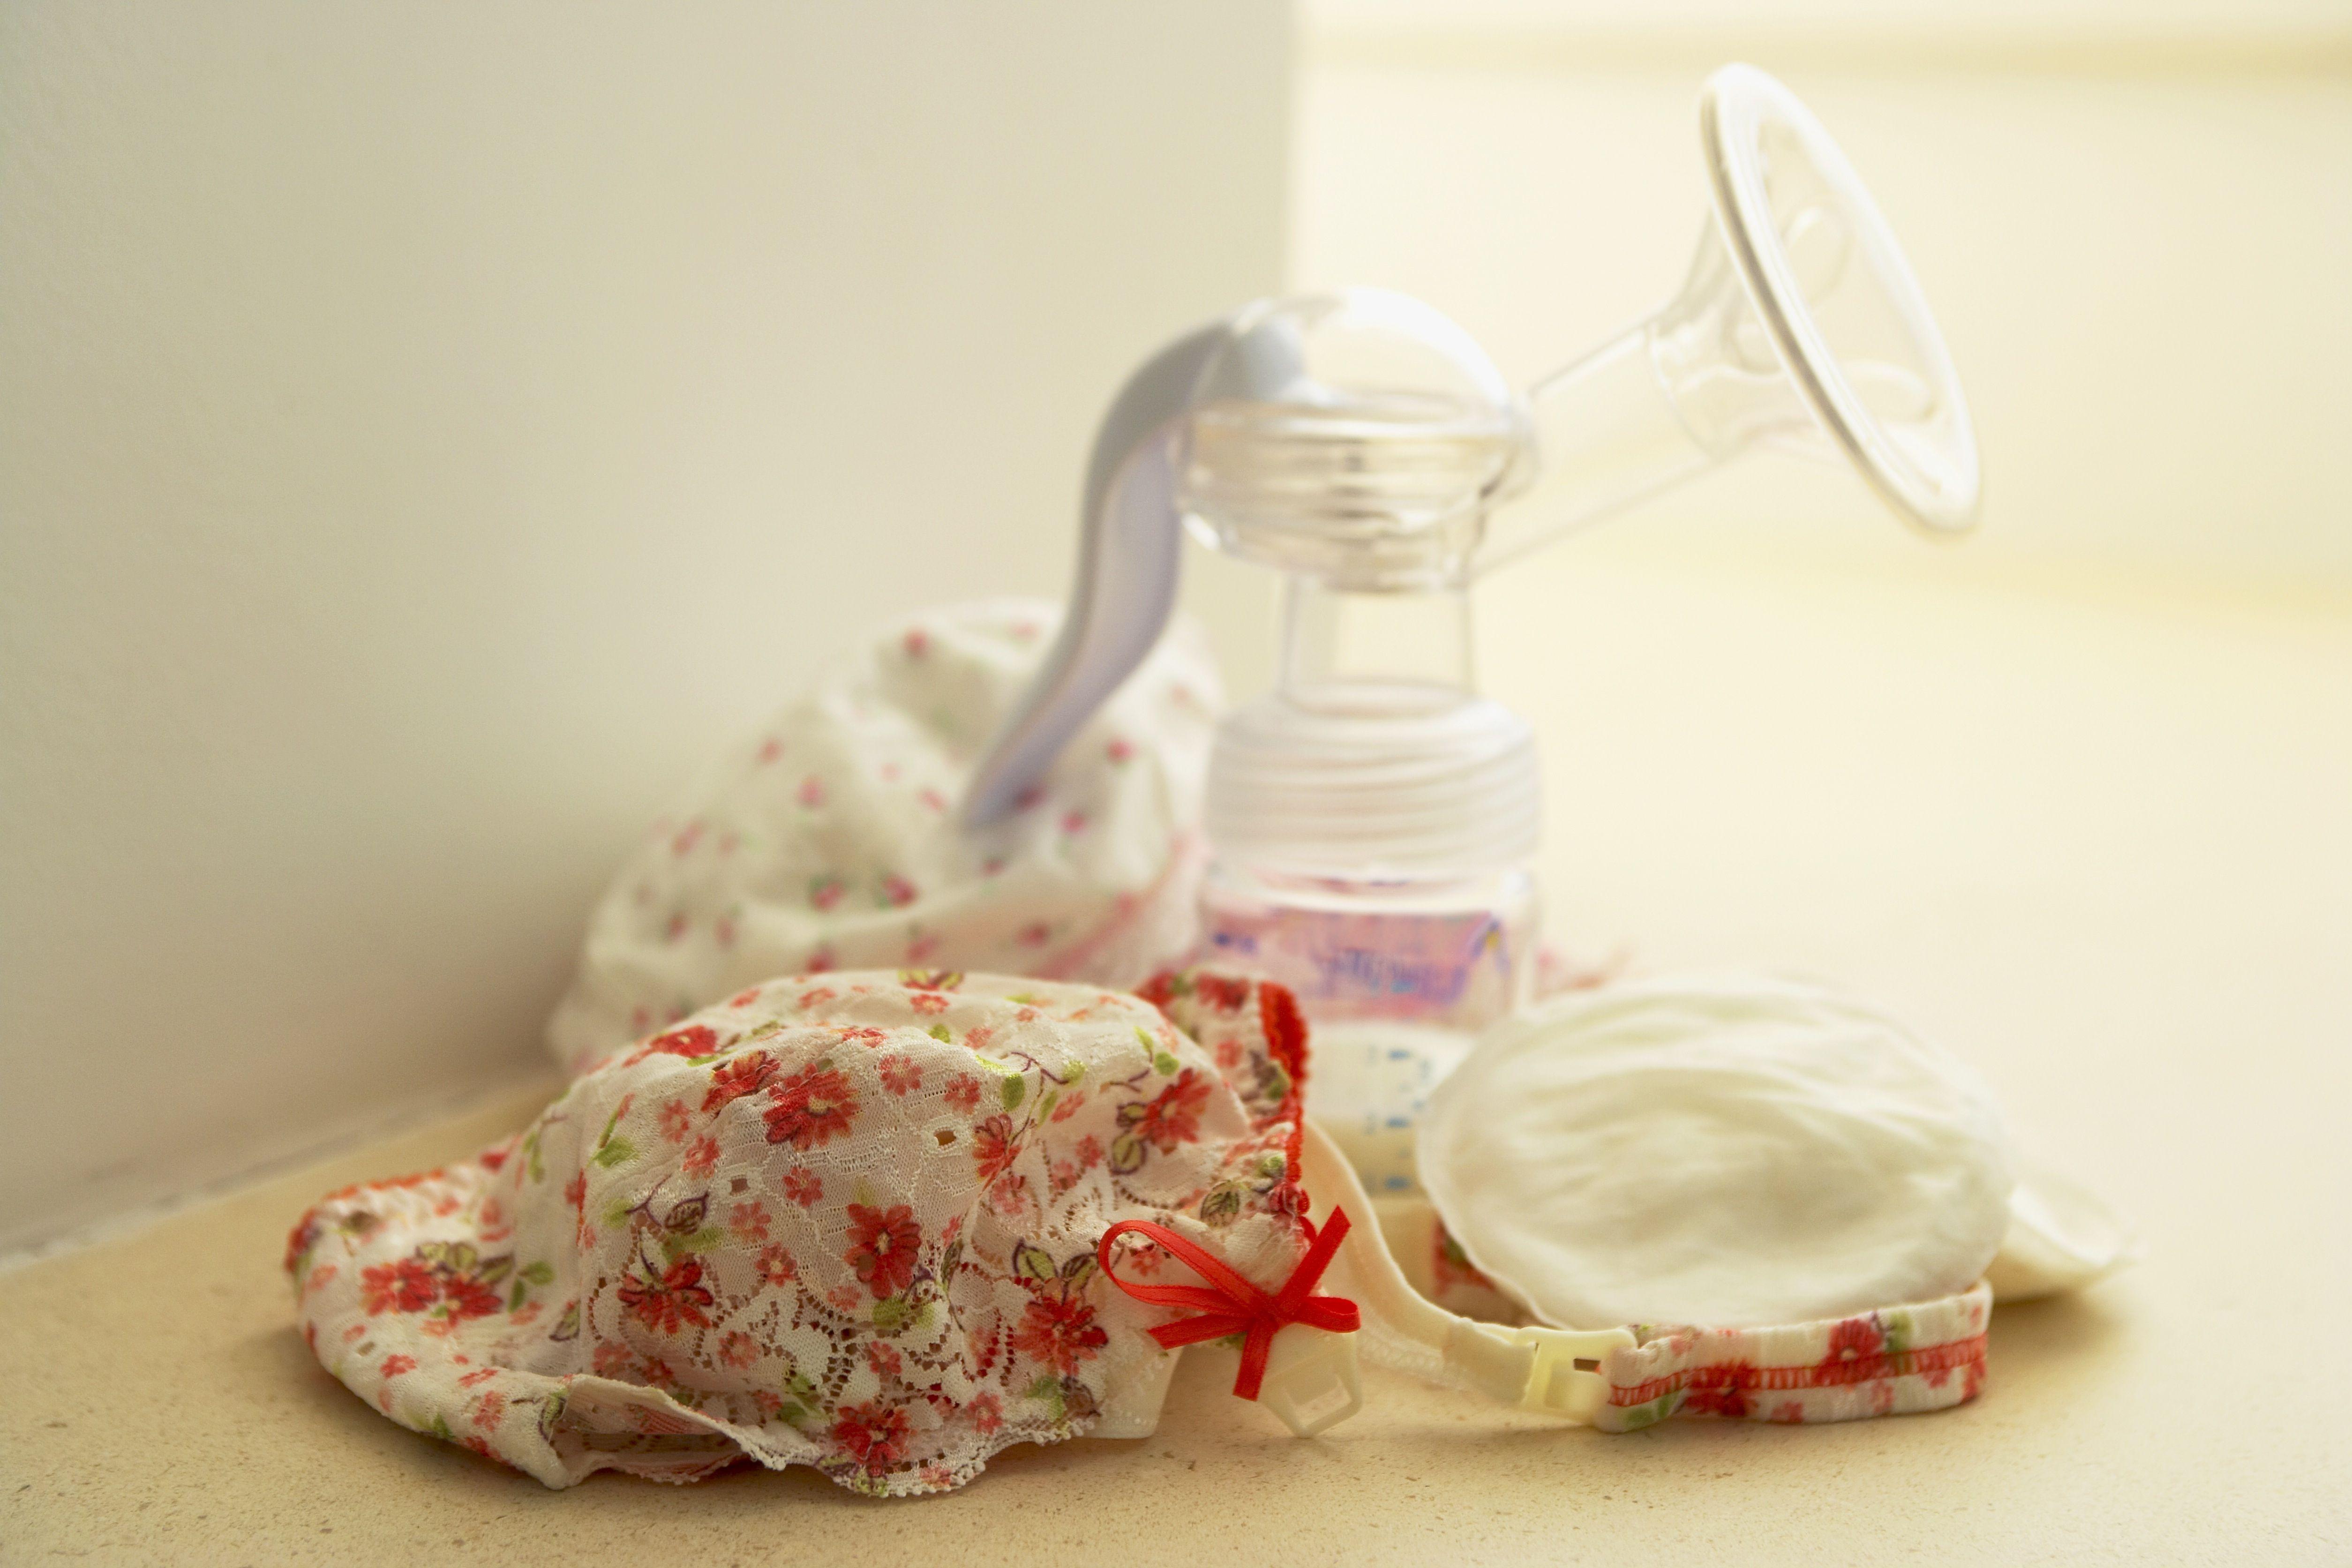 Breast pump, breast pads, and a bra